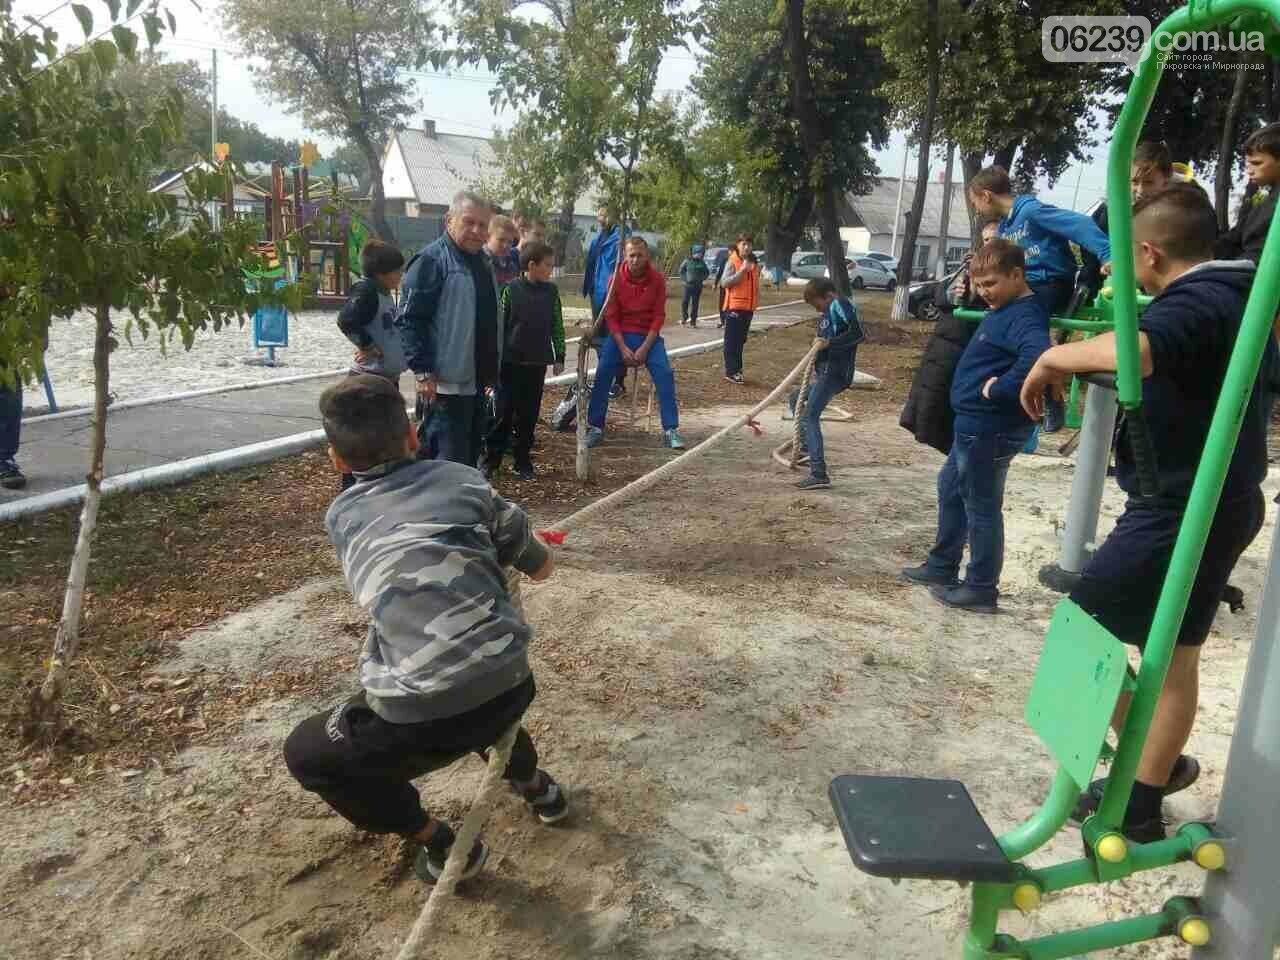 У селищі Шевченко пройшли змагання  з армспорту, гирьового спорту та перетягування канату, фото-5